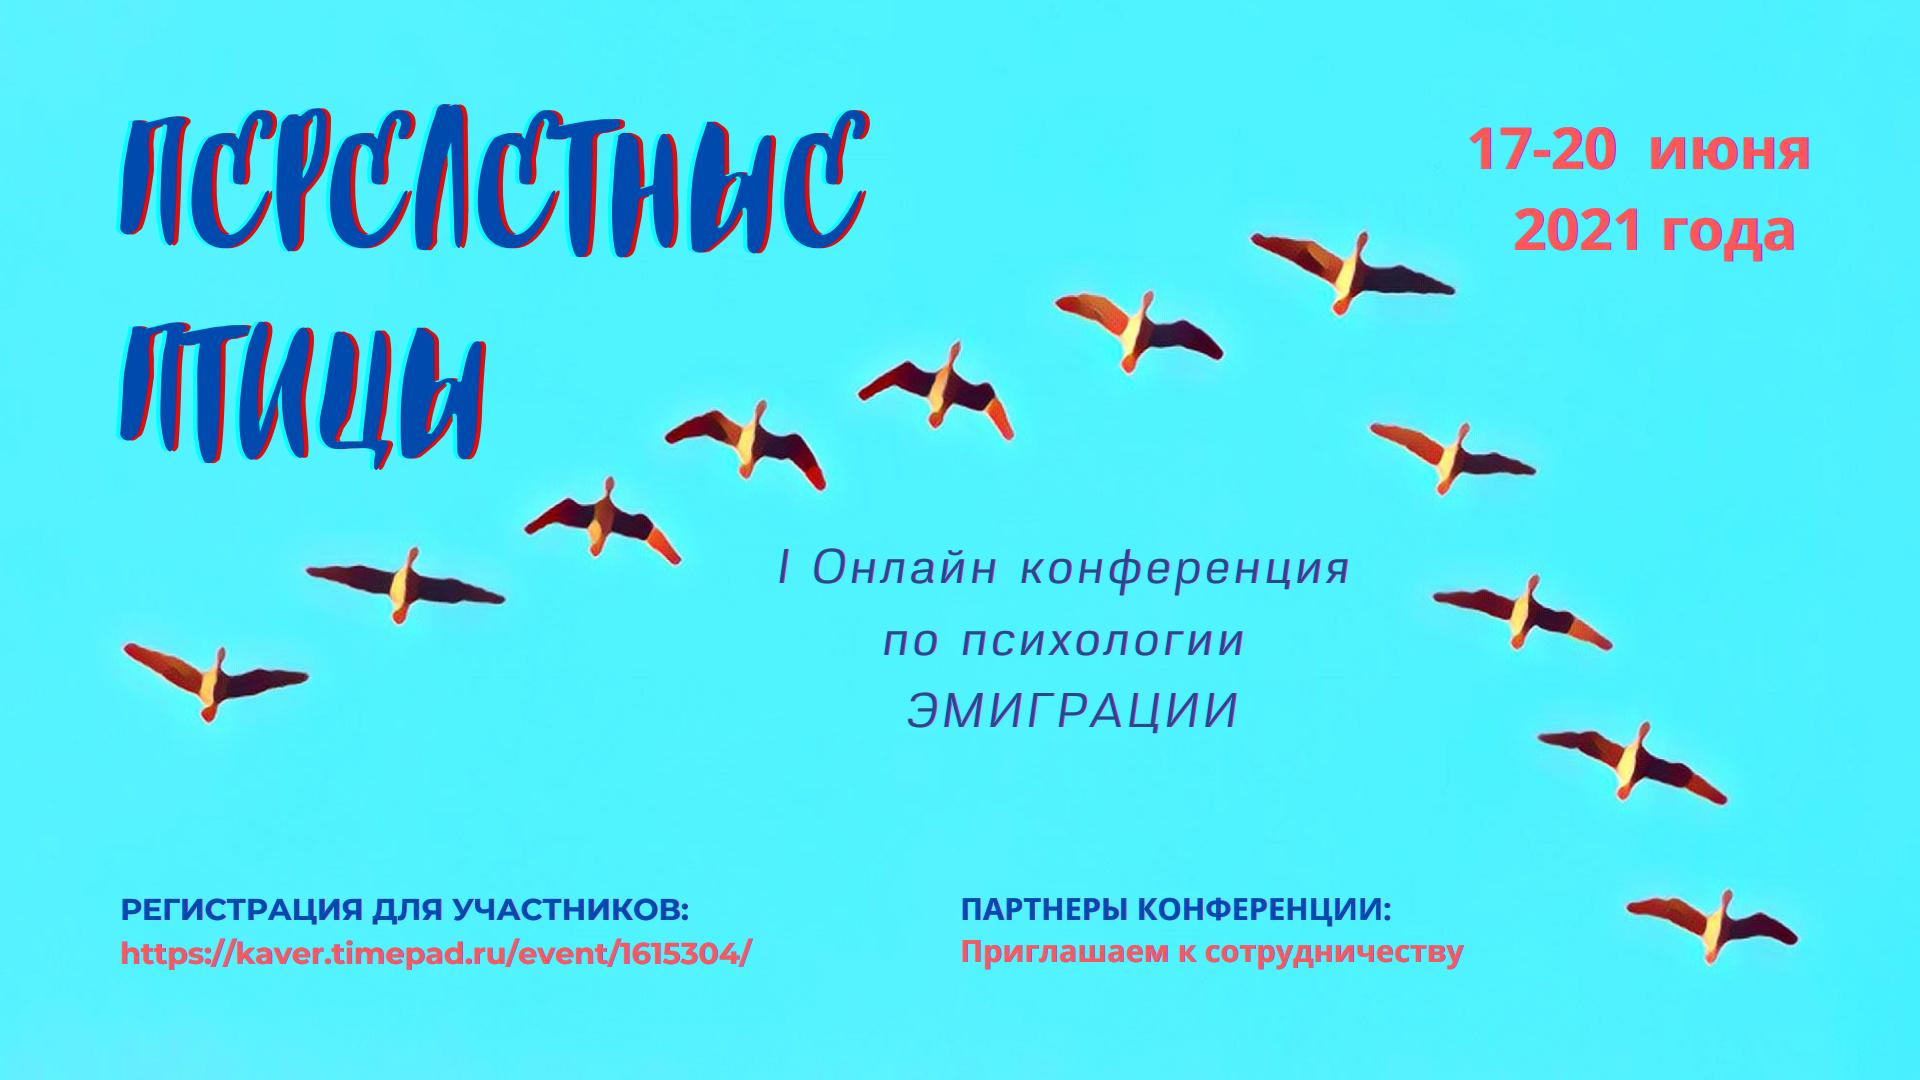 kaver.timepad.ru